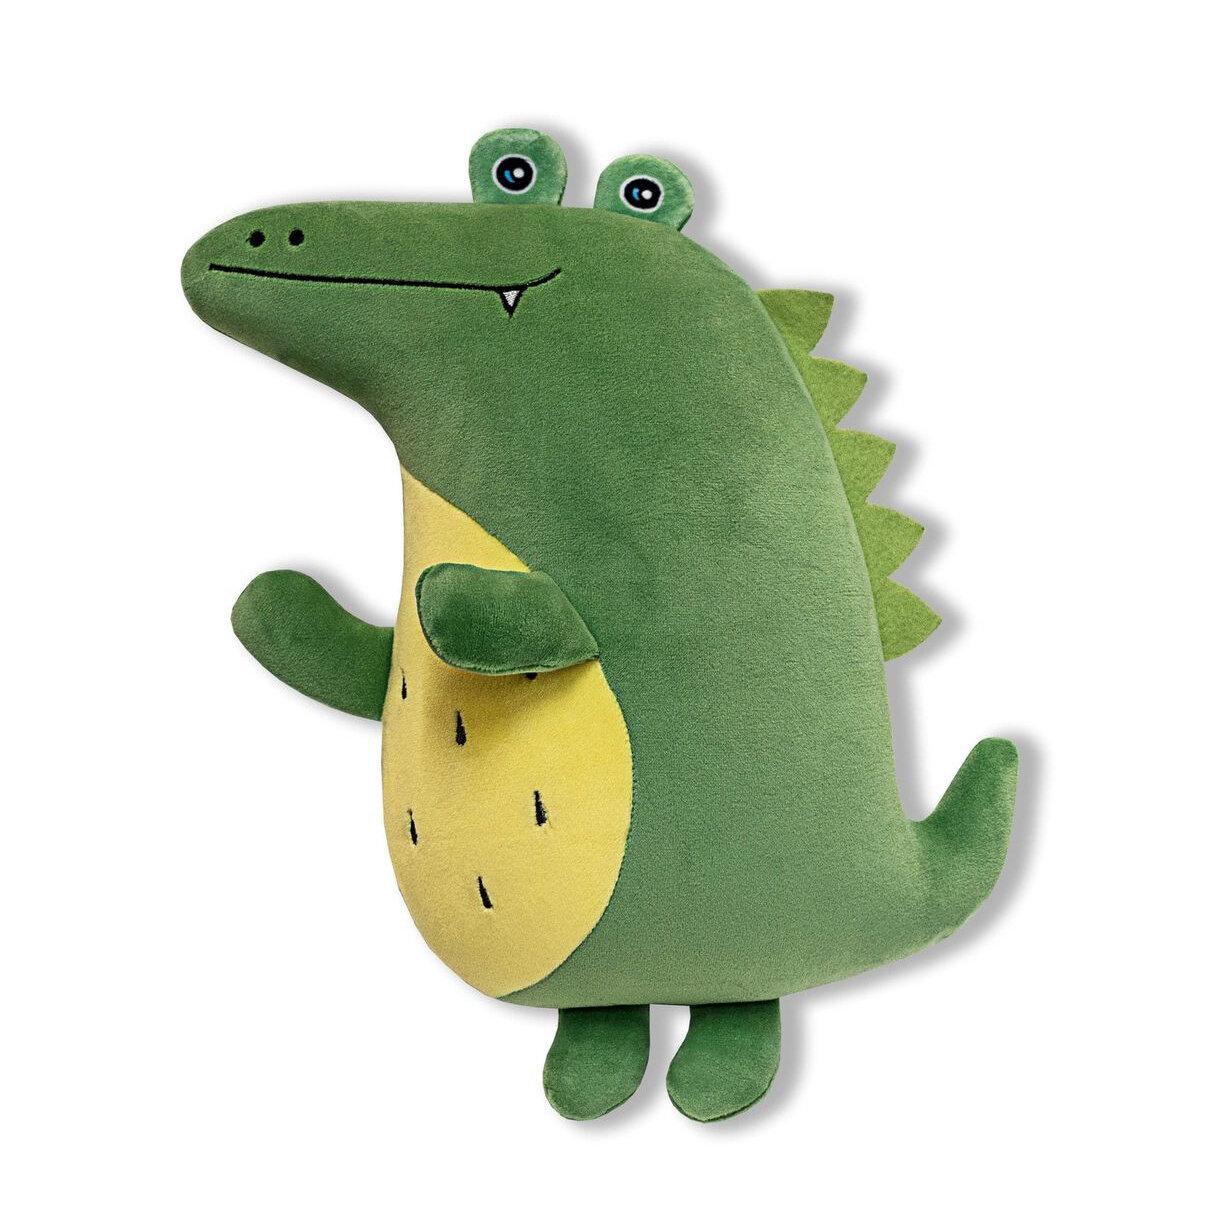 Игрушка-антистресс Штучки, к которым тянутся ручки Сплюшки Крокодил 35 см